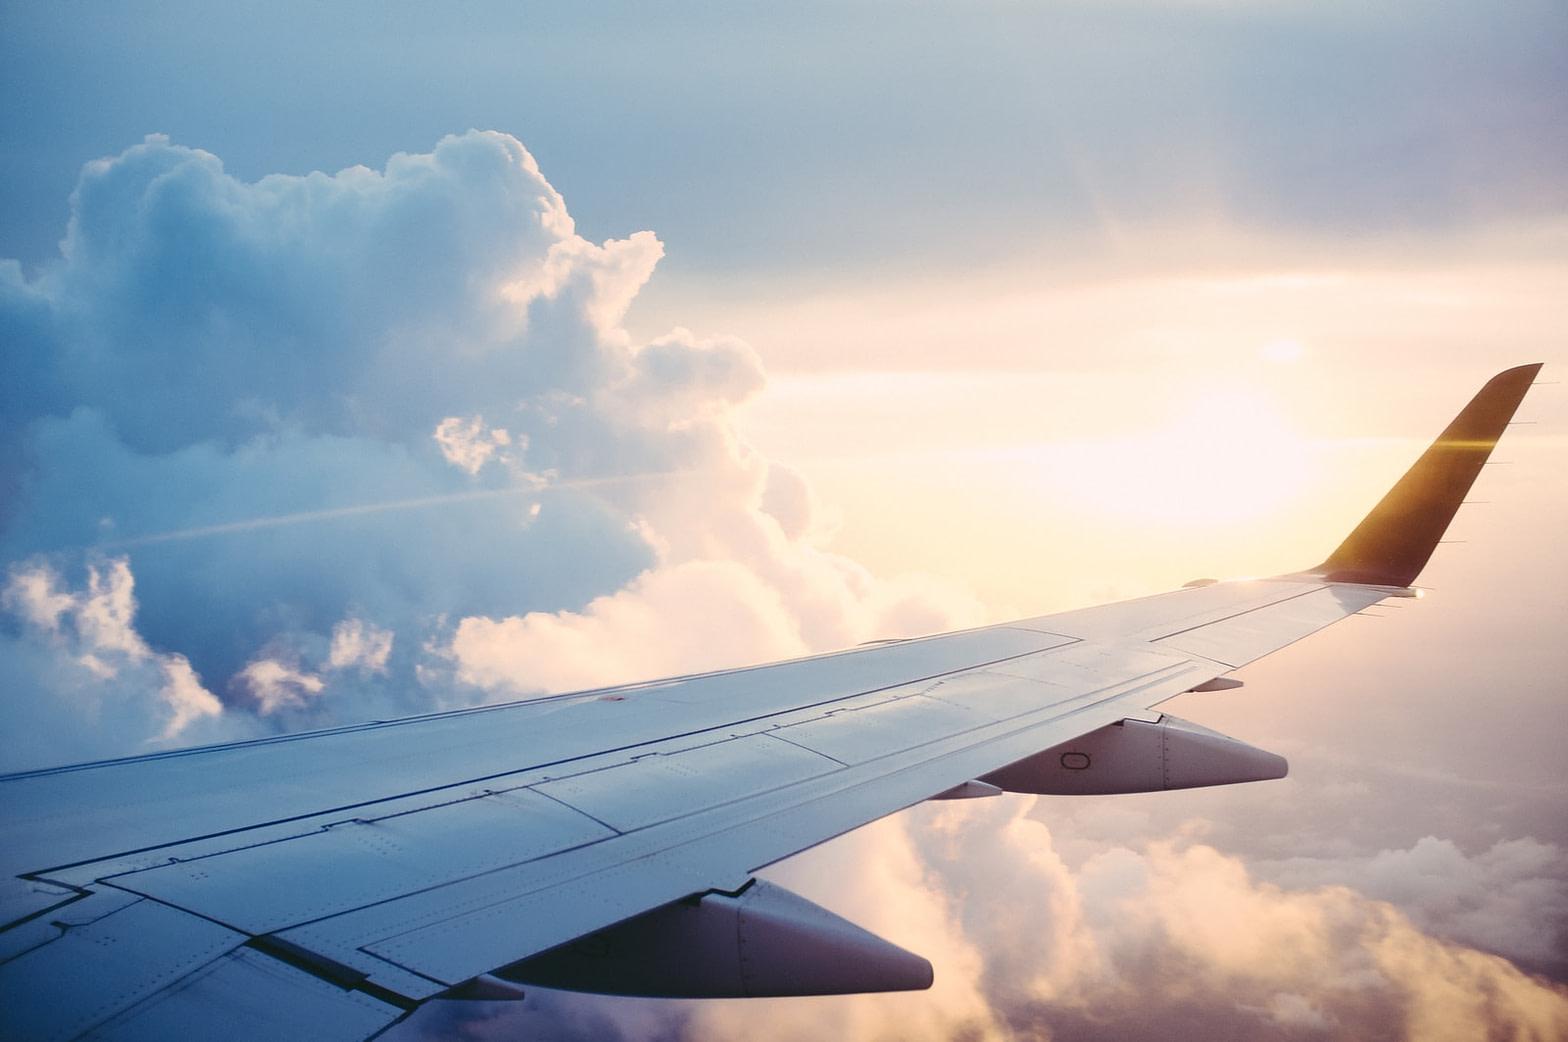 معلومات عن الرحلات المتجهة من مطار الرياض الى عدن